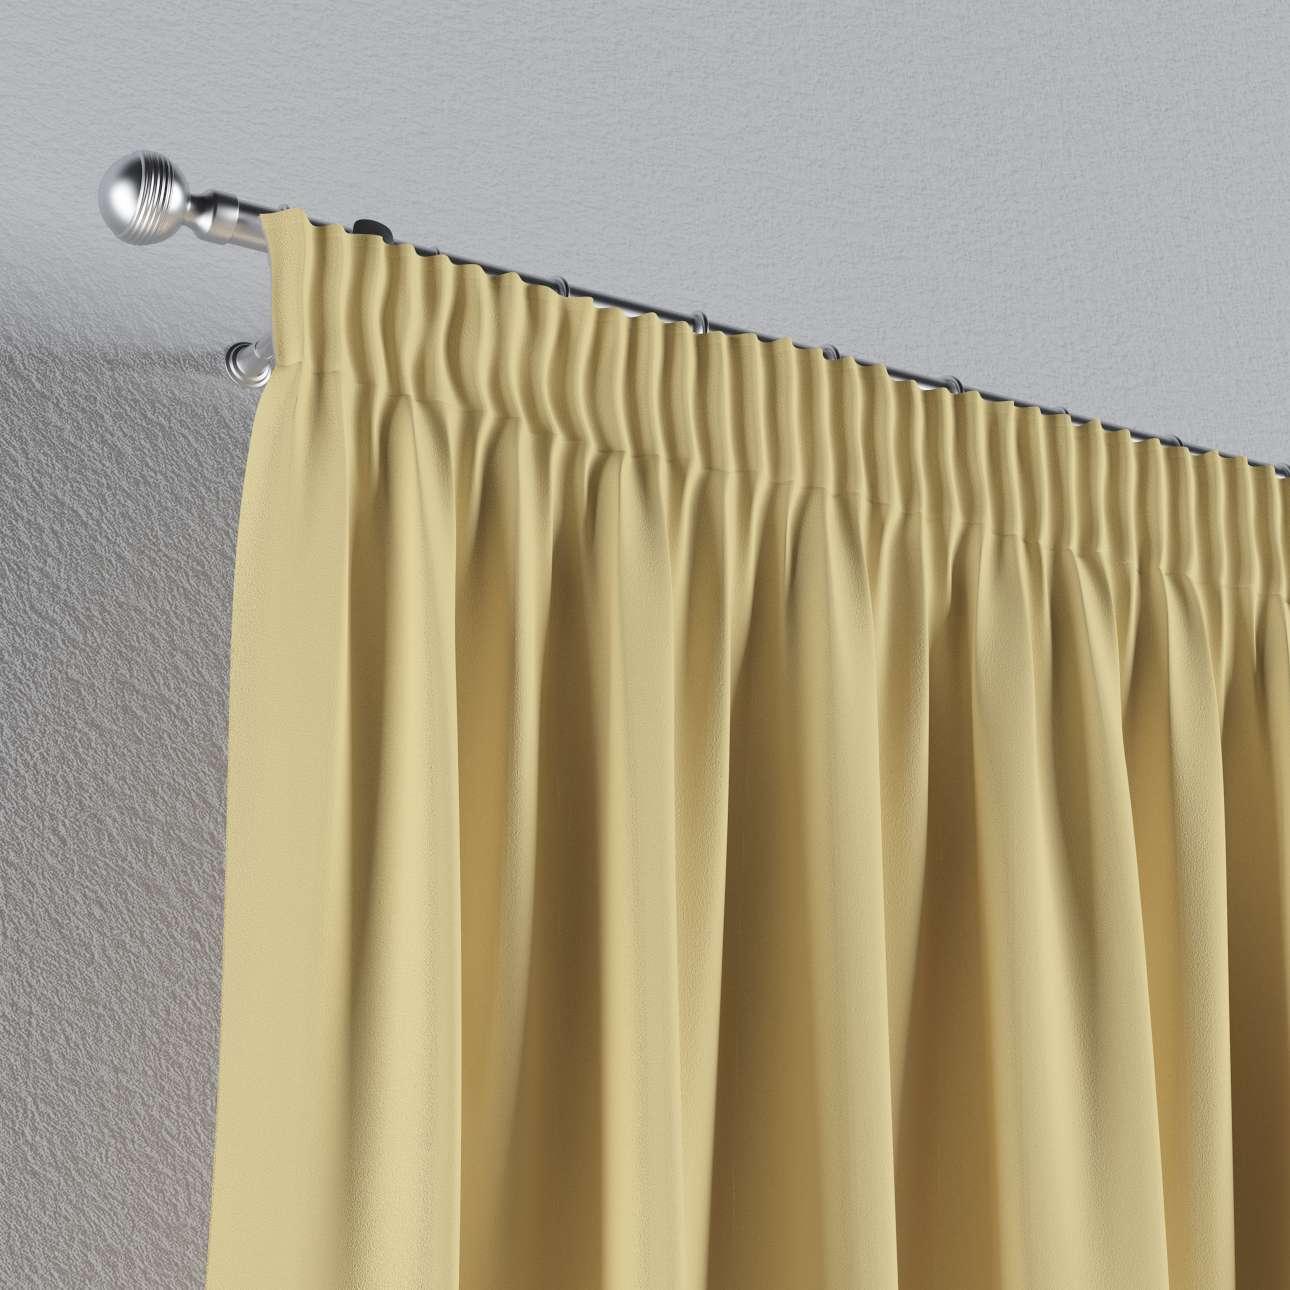 Verdunklungsvorhang mit Kräuselband 140x260 cm von der Kollektion Blackout (verdunkelnd), Stoff: 269-12